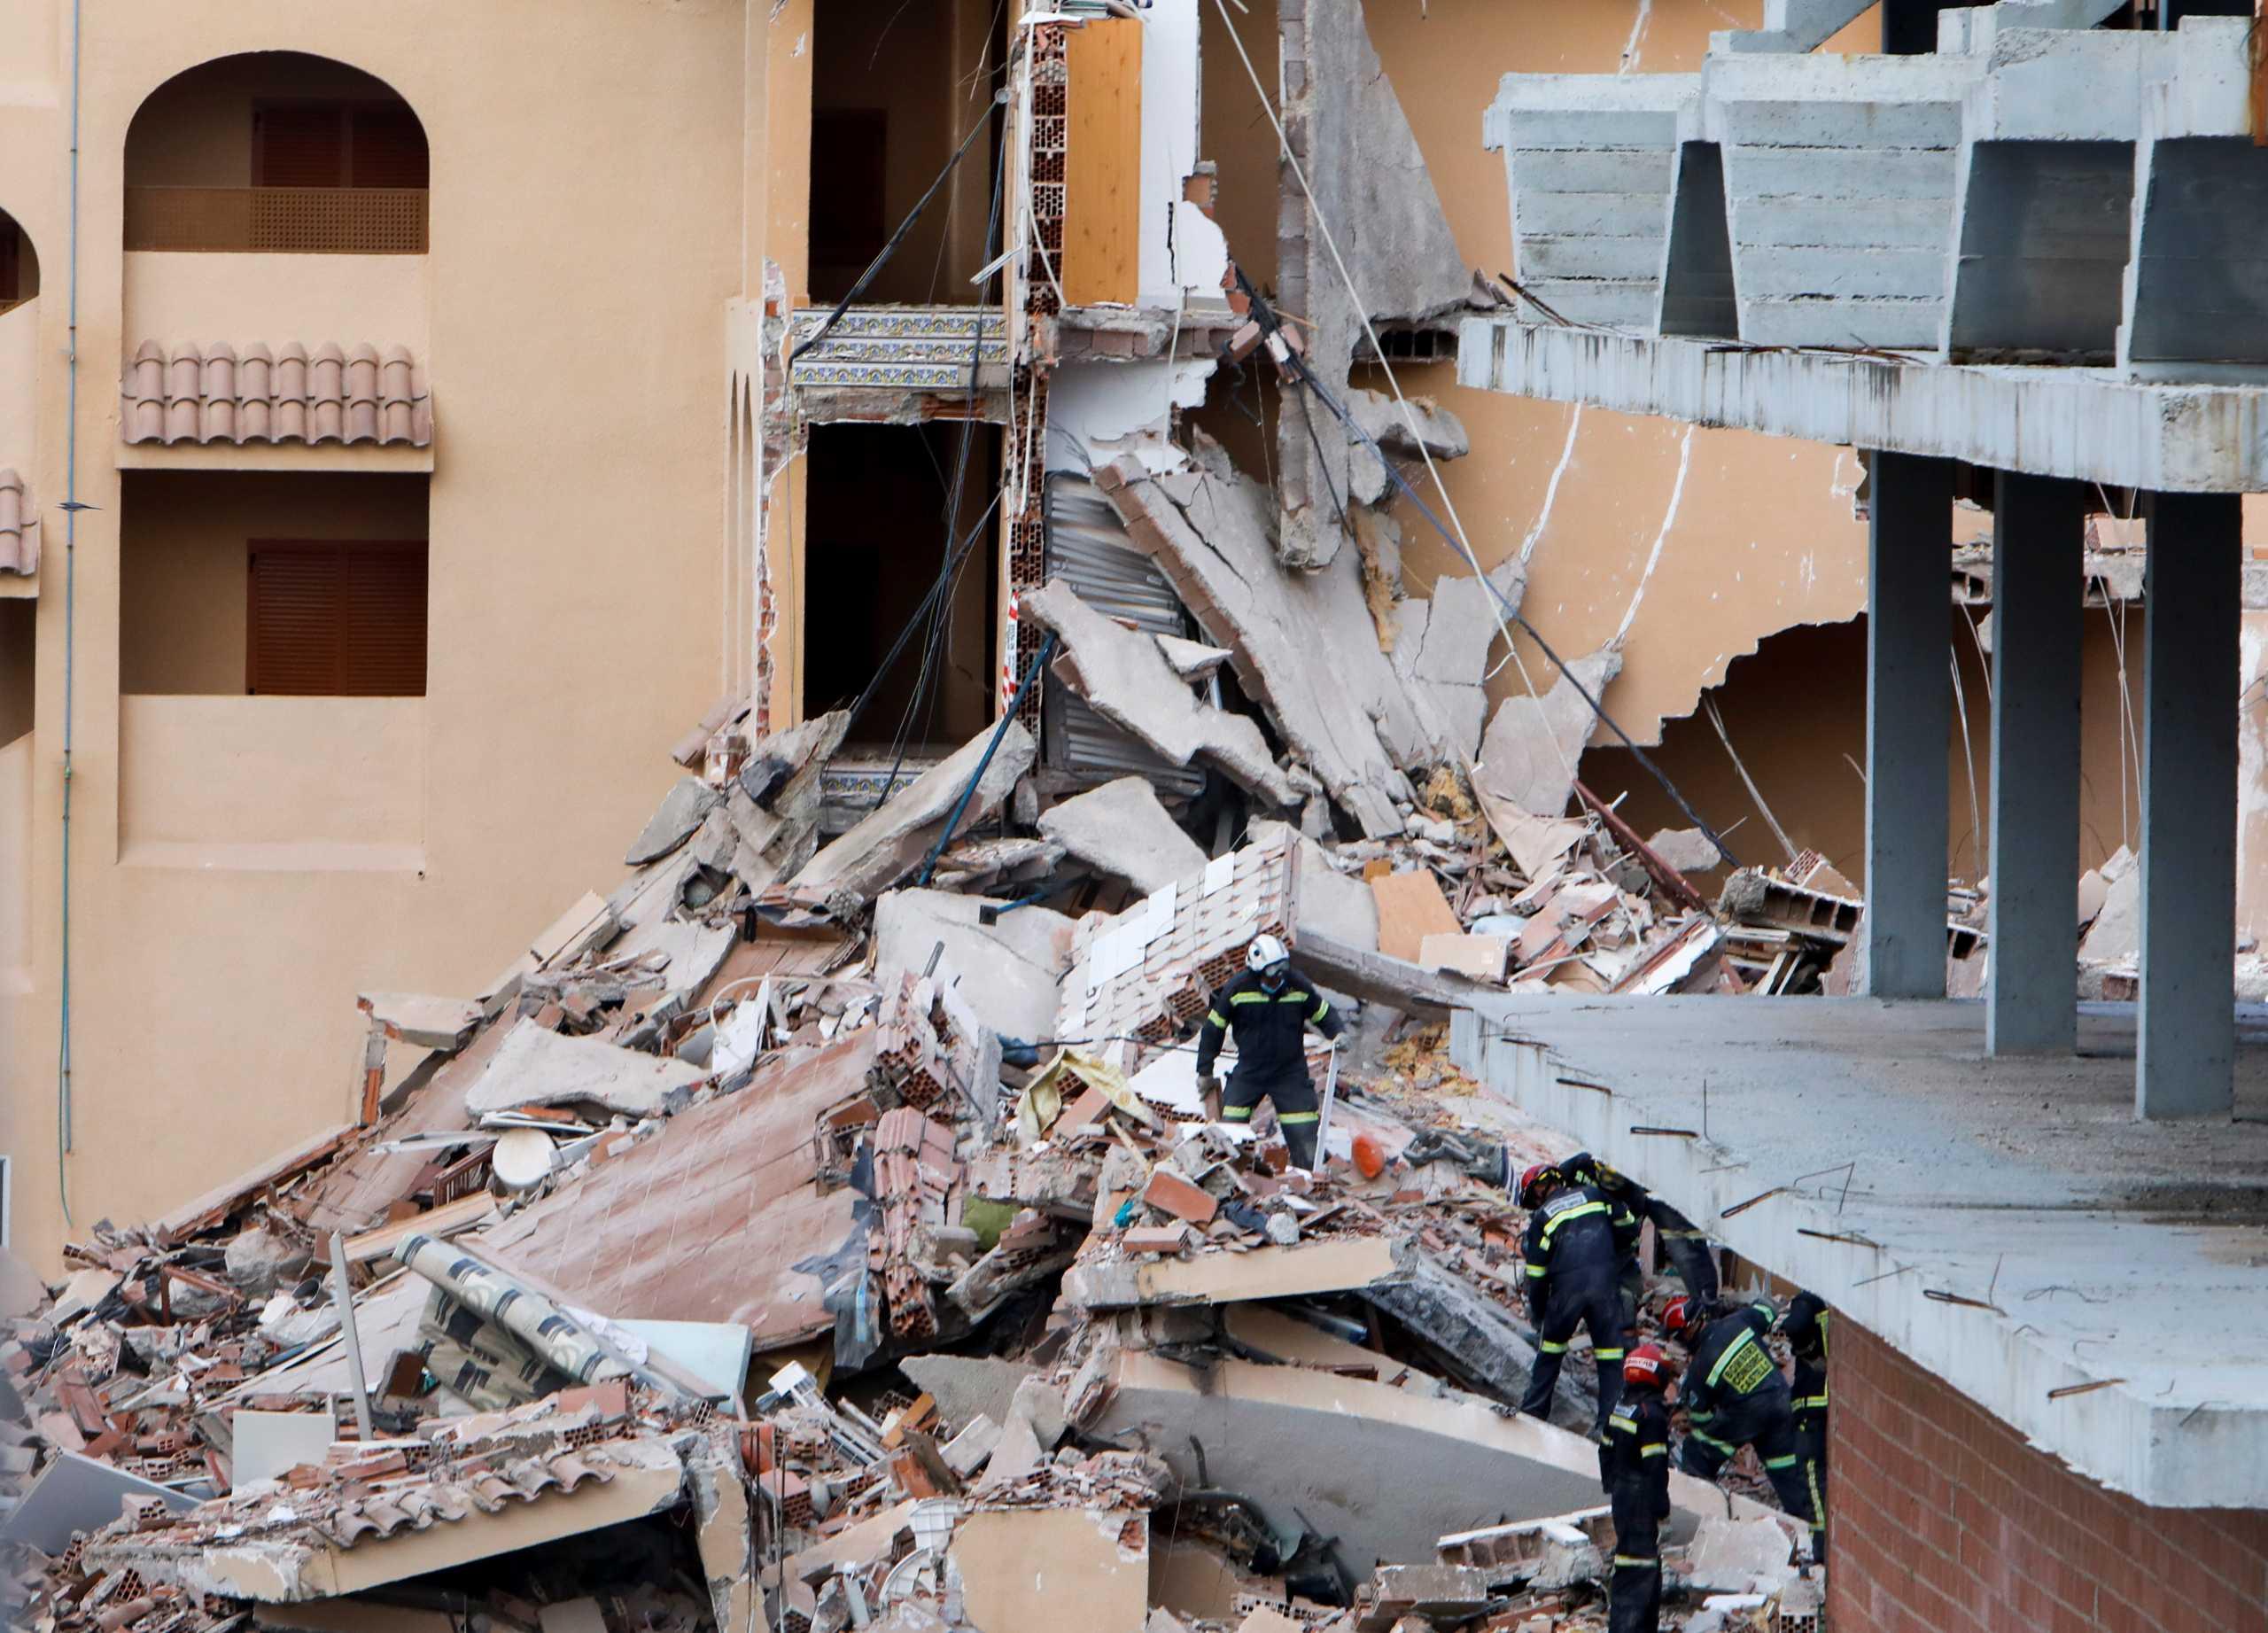 Ισπανία: Νεκρός ανασύρθηκε 15χρονος από ερείπια κτιρίου – Αναζητείται άλλο ένα άτομο